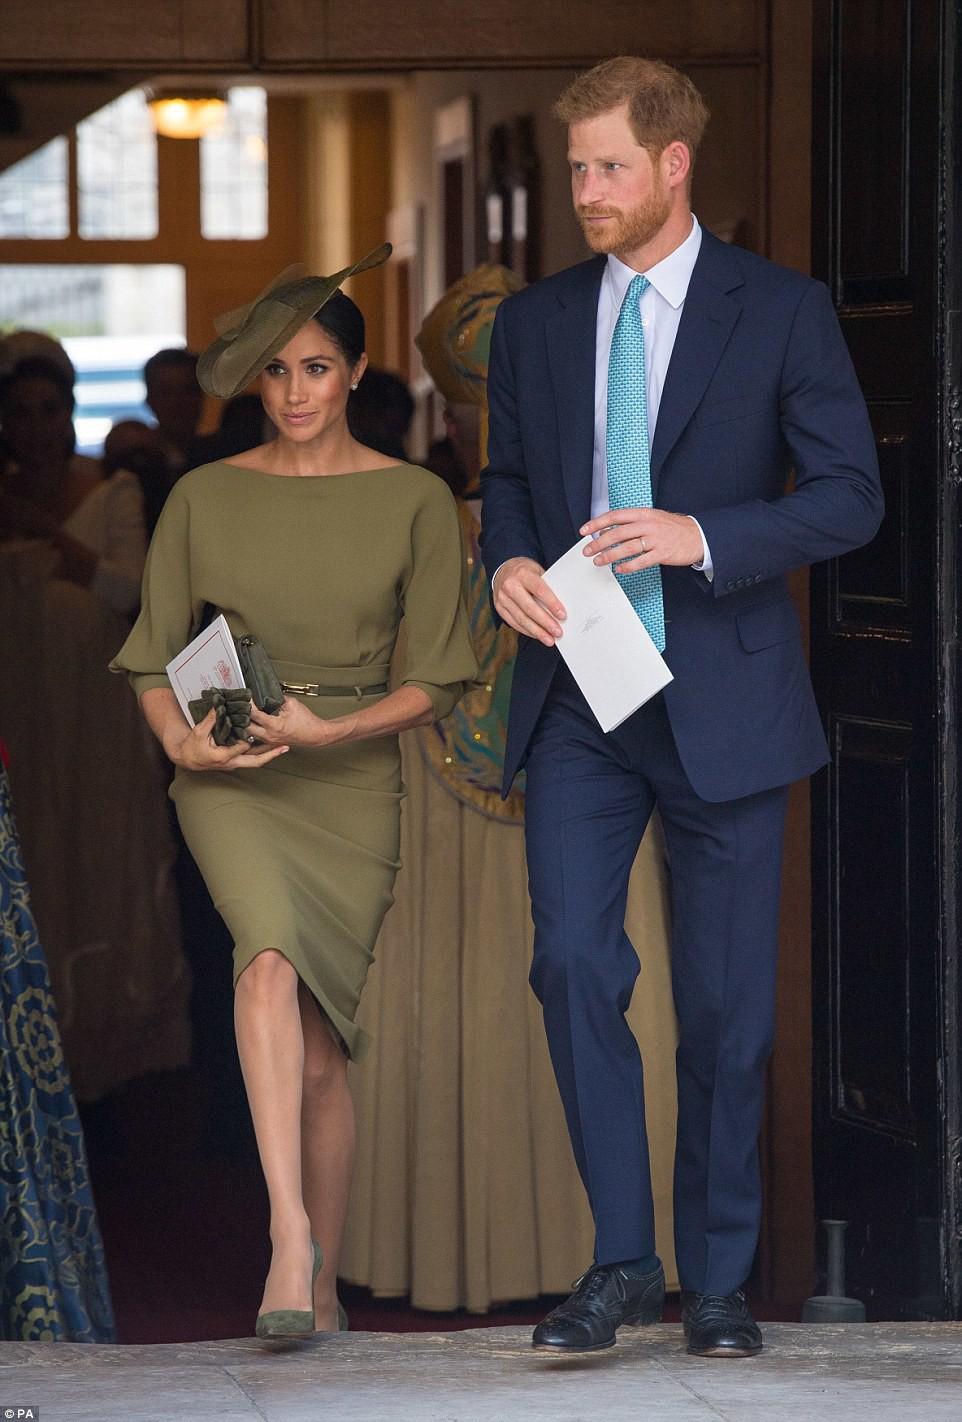 Dù đi bên cạnh mẹ chồng, Meghan vẫn được Hoàng tử Harry lặng lẽ nắm chặt tay khiến dân tình phát hờn - Ảnh 1.